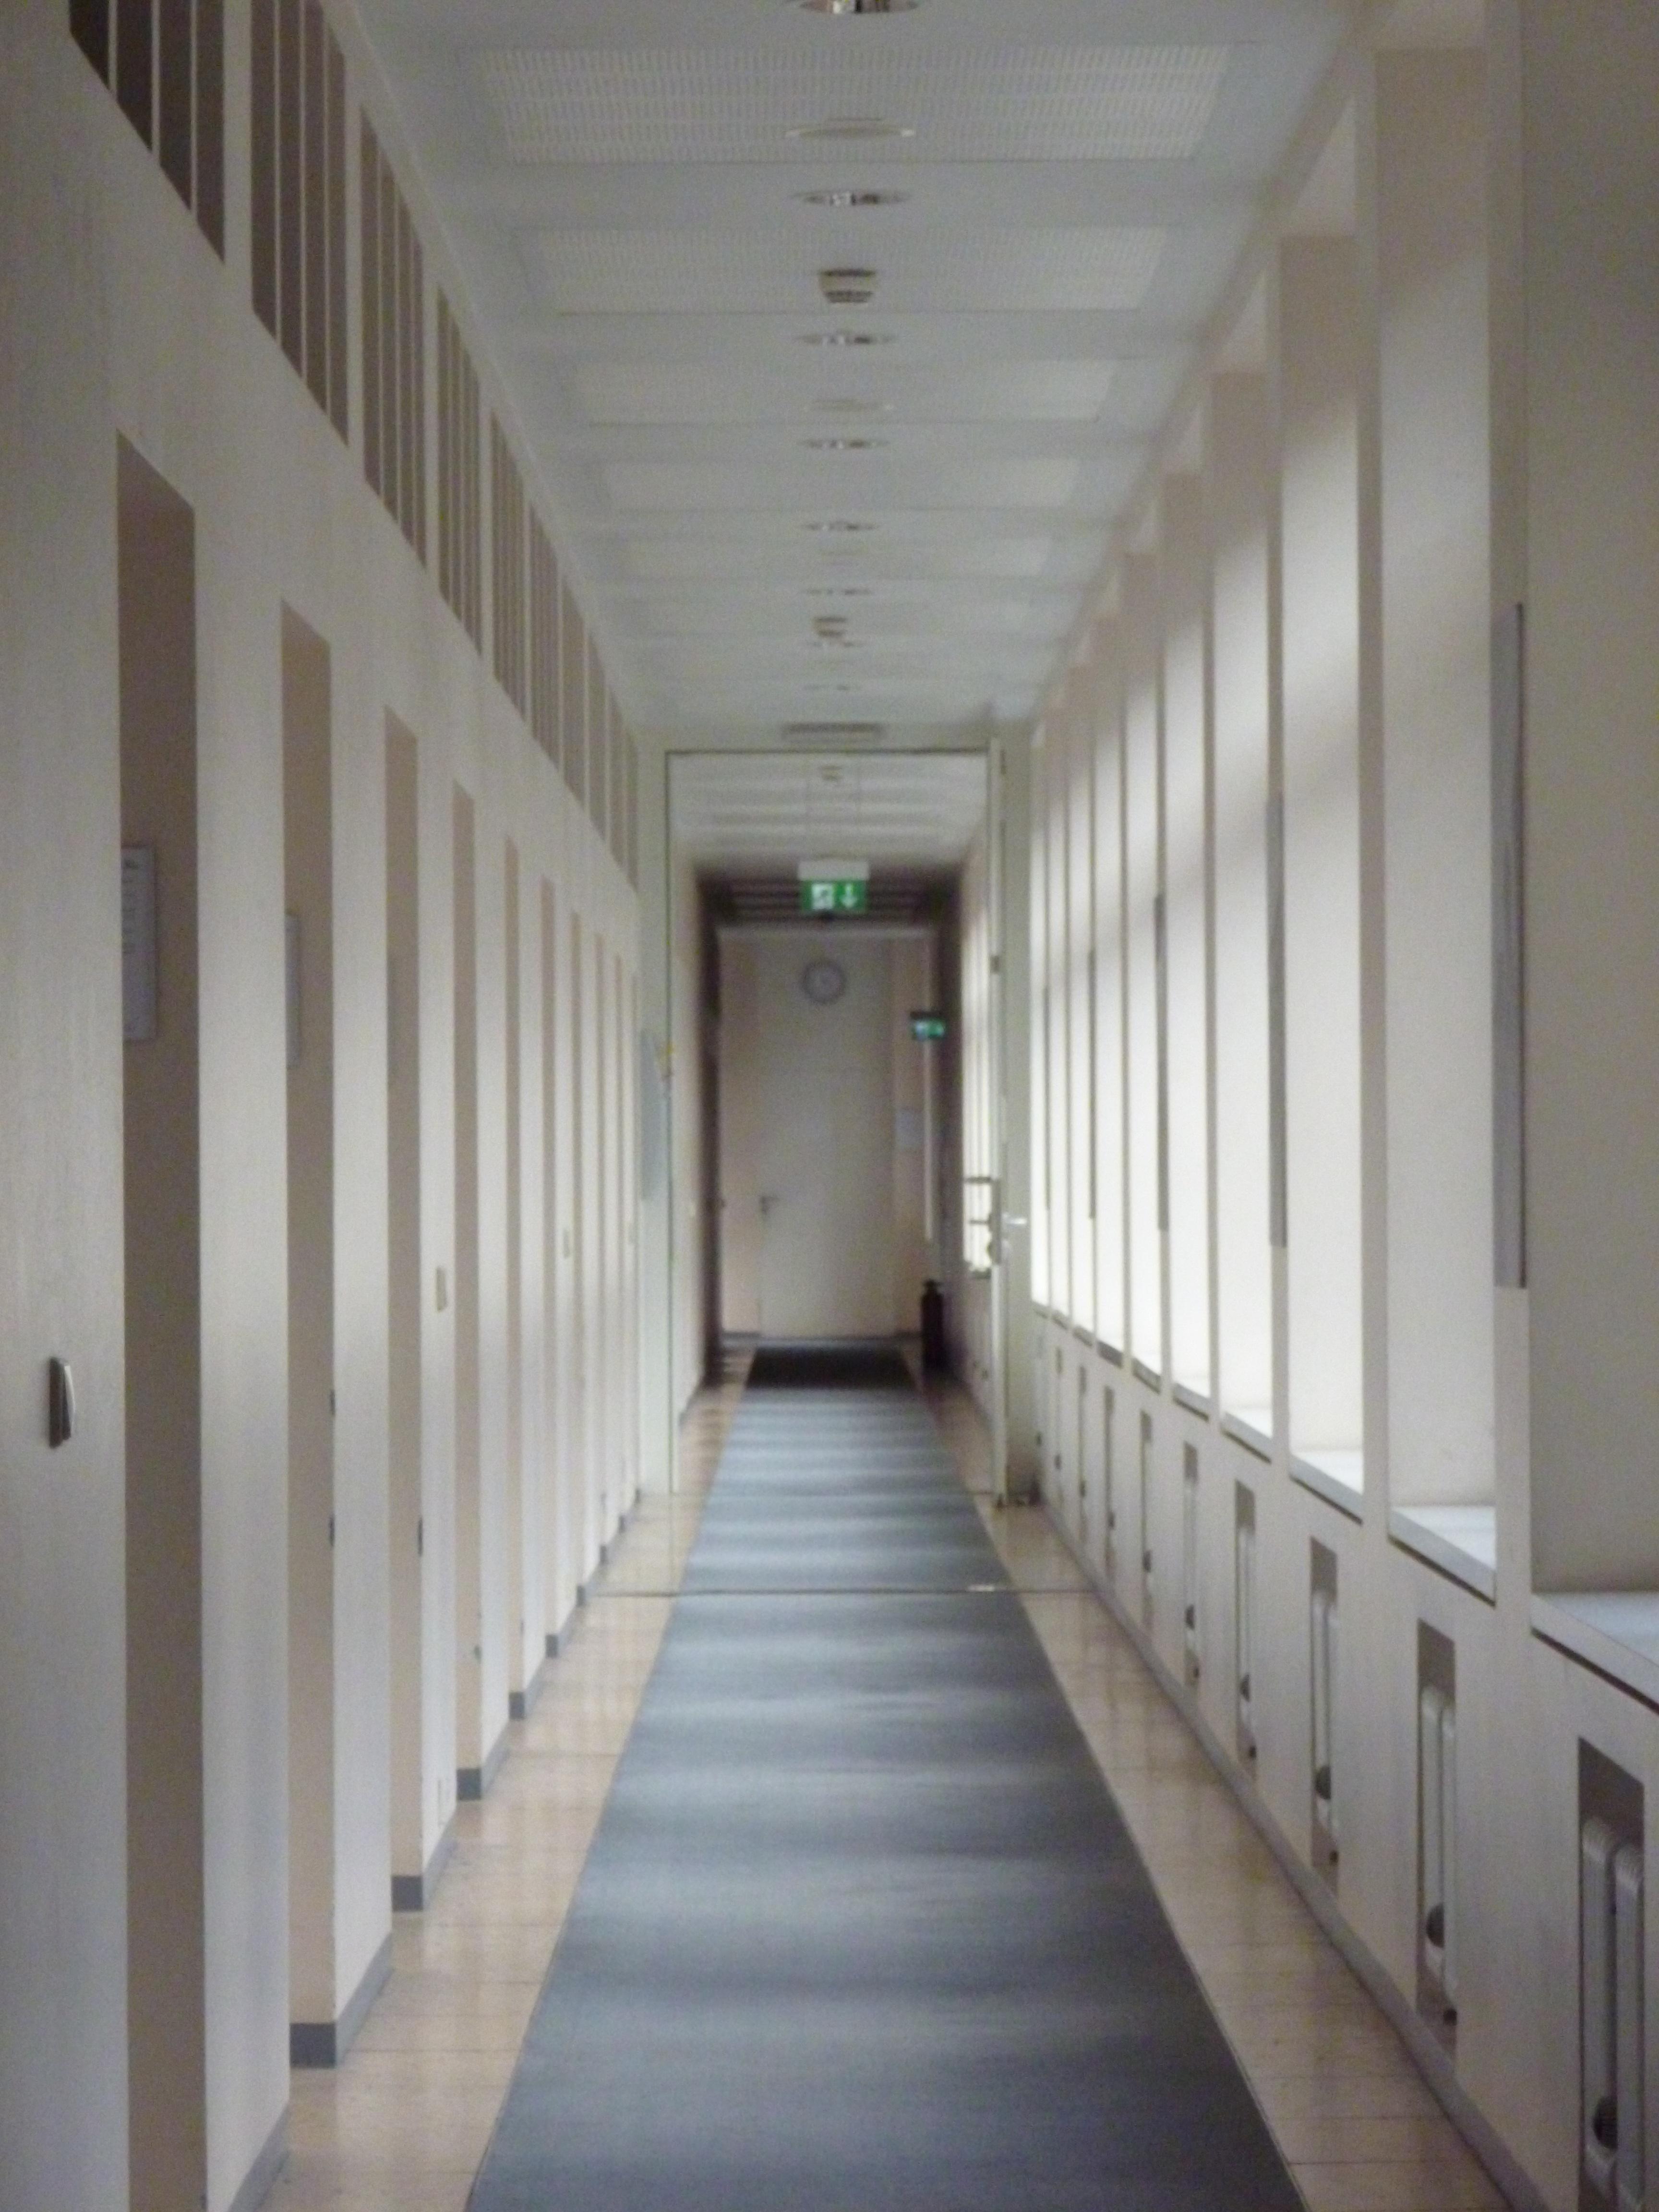 무료 이미지 빛 건축물 목재 바닥 지하철 천장 홀 방 인테리어 디자인 문 복도